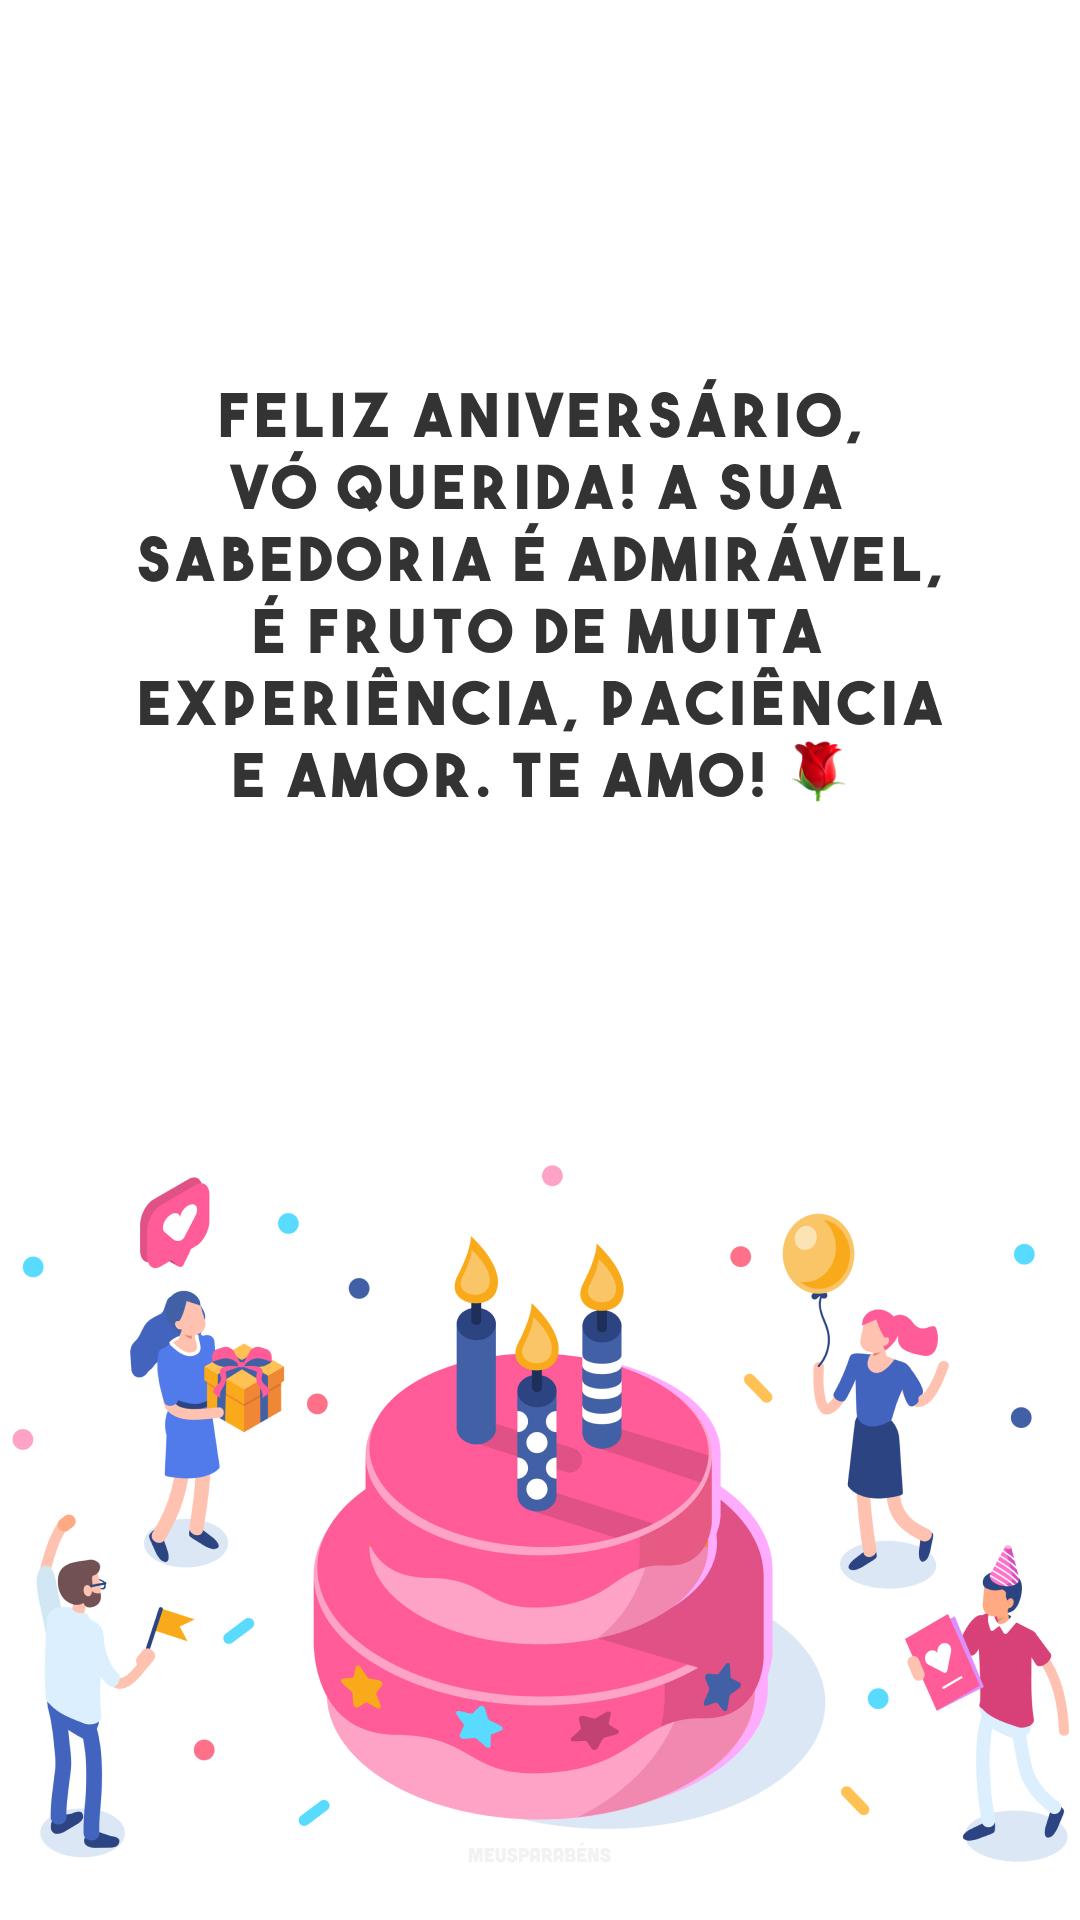 Feliz aniversário, vó querida! A sua sabedoria é admirável, é fruto de muita experiência, paciência e amor. Te amo! 🌹